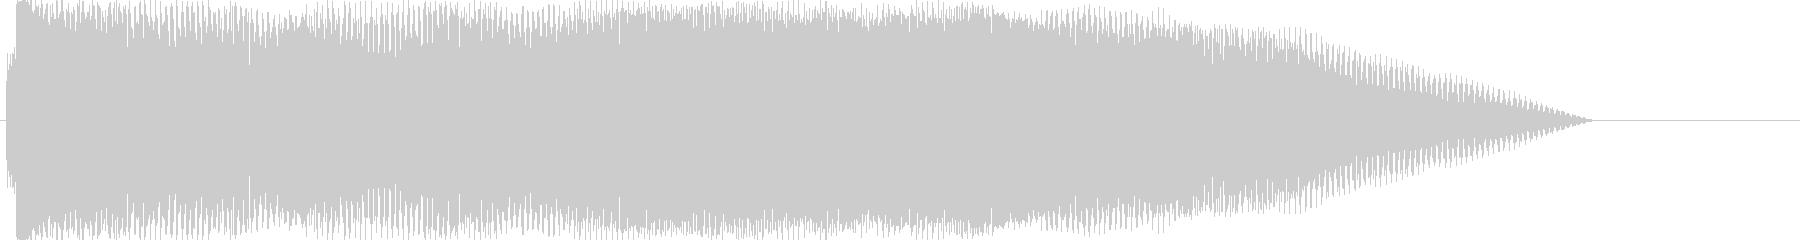 ドーン②(バンドの登場シーン・場面転換)の未再生の波形